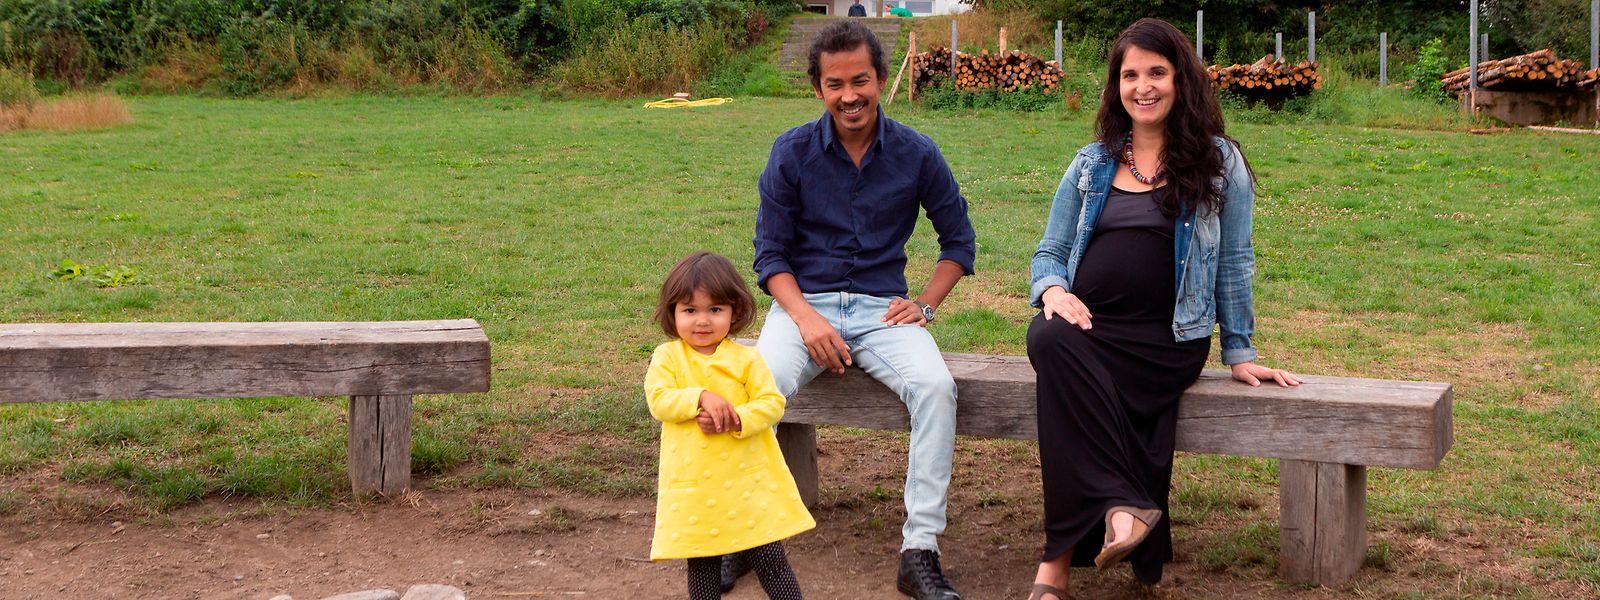 Sarah Cattani, ihr Mann John und ihre knapp zweijährige Tochter Mahi empfangen Gruppen, die Urlaub auf dem Misärshaff zwischen Arsdorf und der Misärsbréck machen.